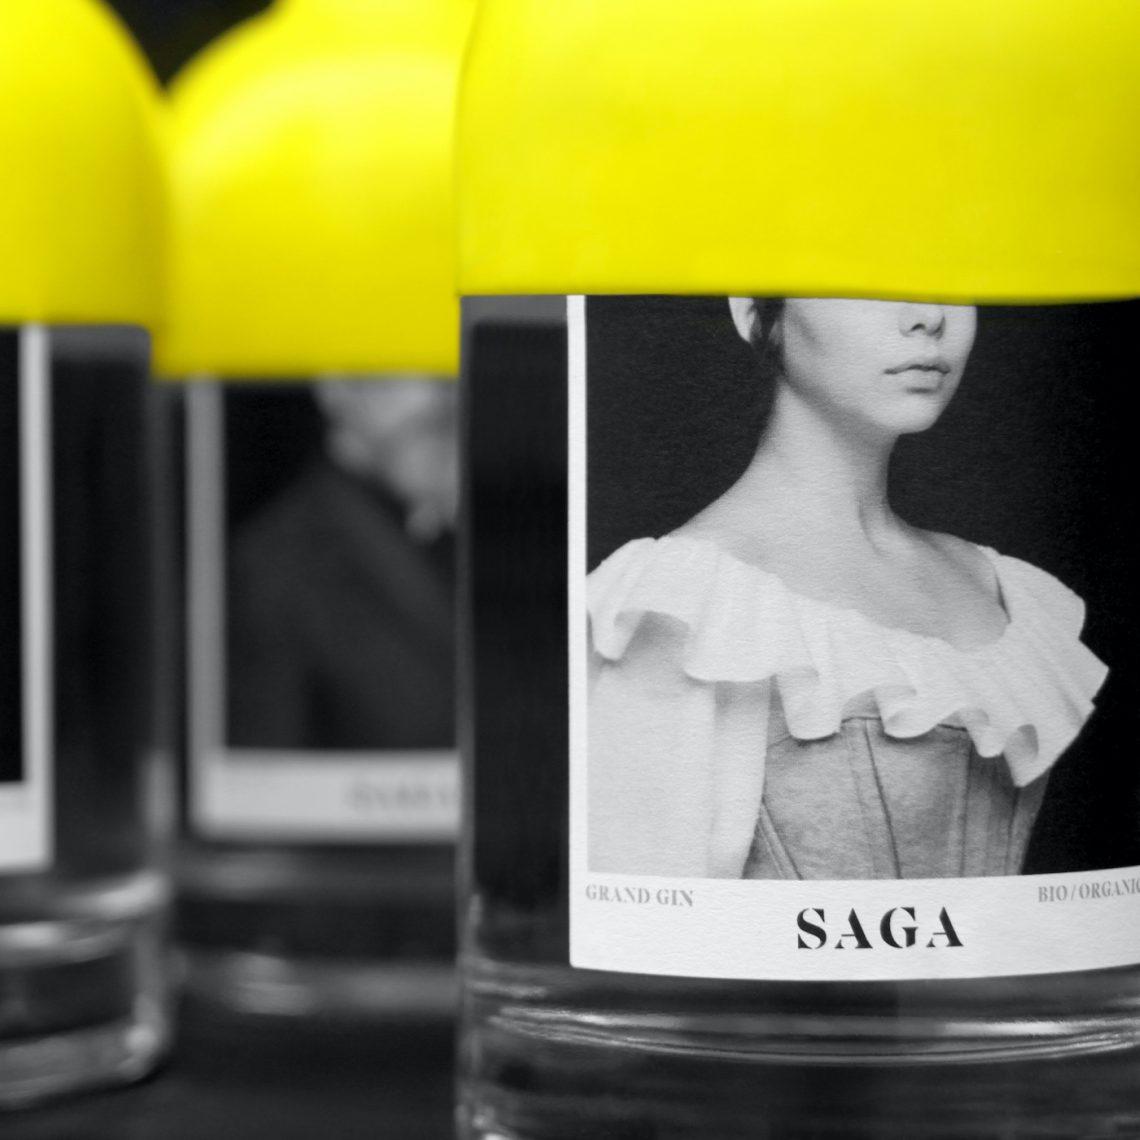 Saga gin